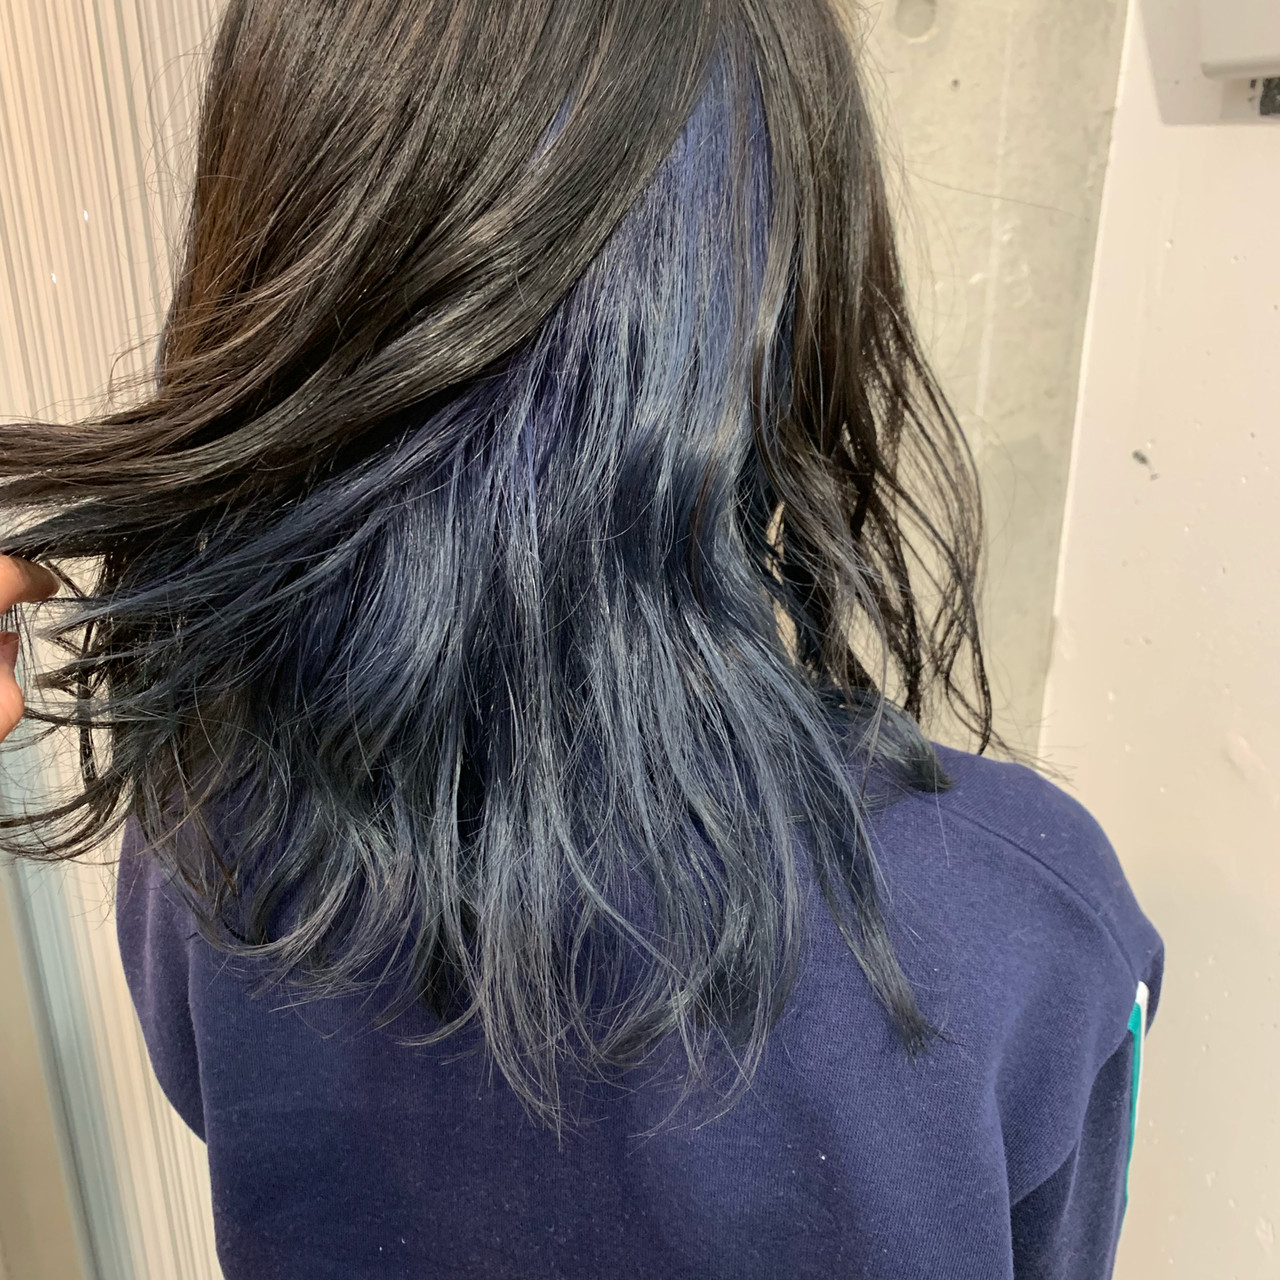 ダブルカラー セミロング インナーカラー ブルージュ ヘアスタイルや髪型の写真・画像 | アヤ / Lano by HAIR